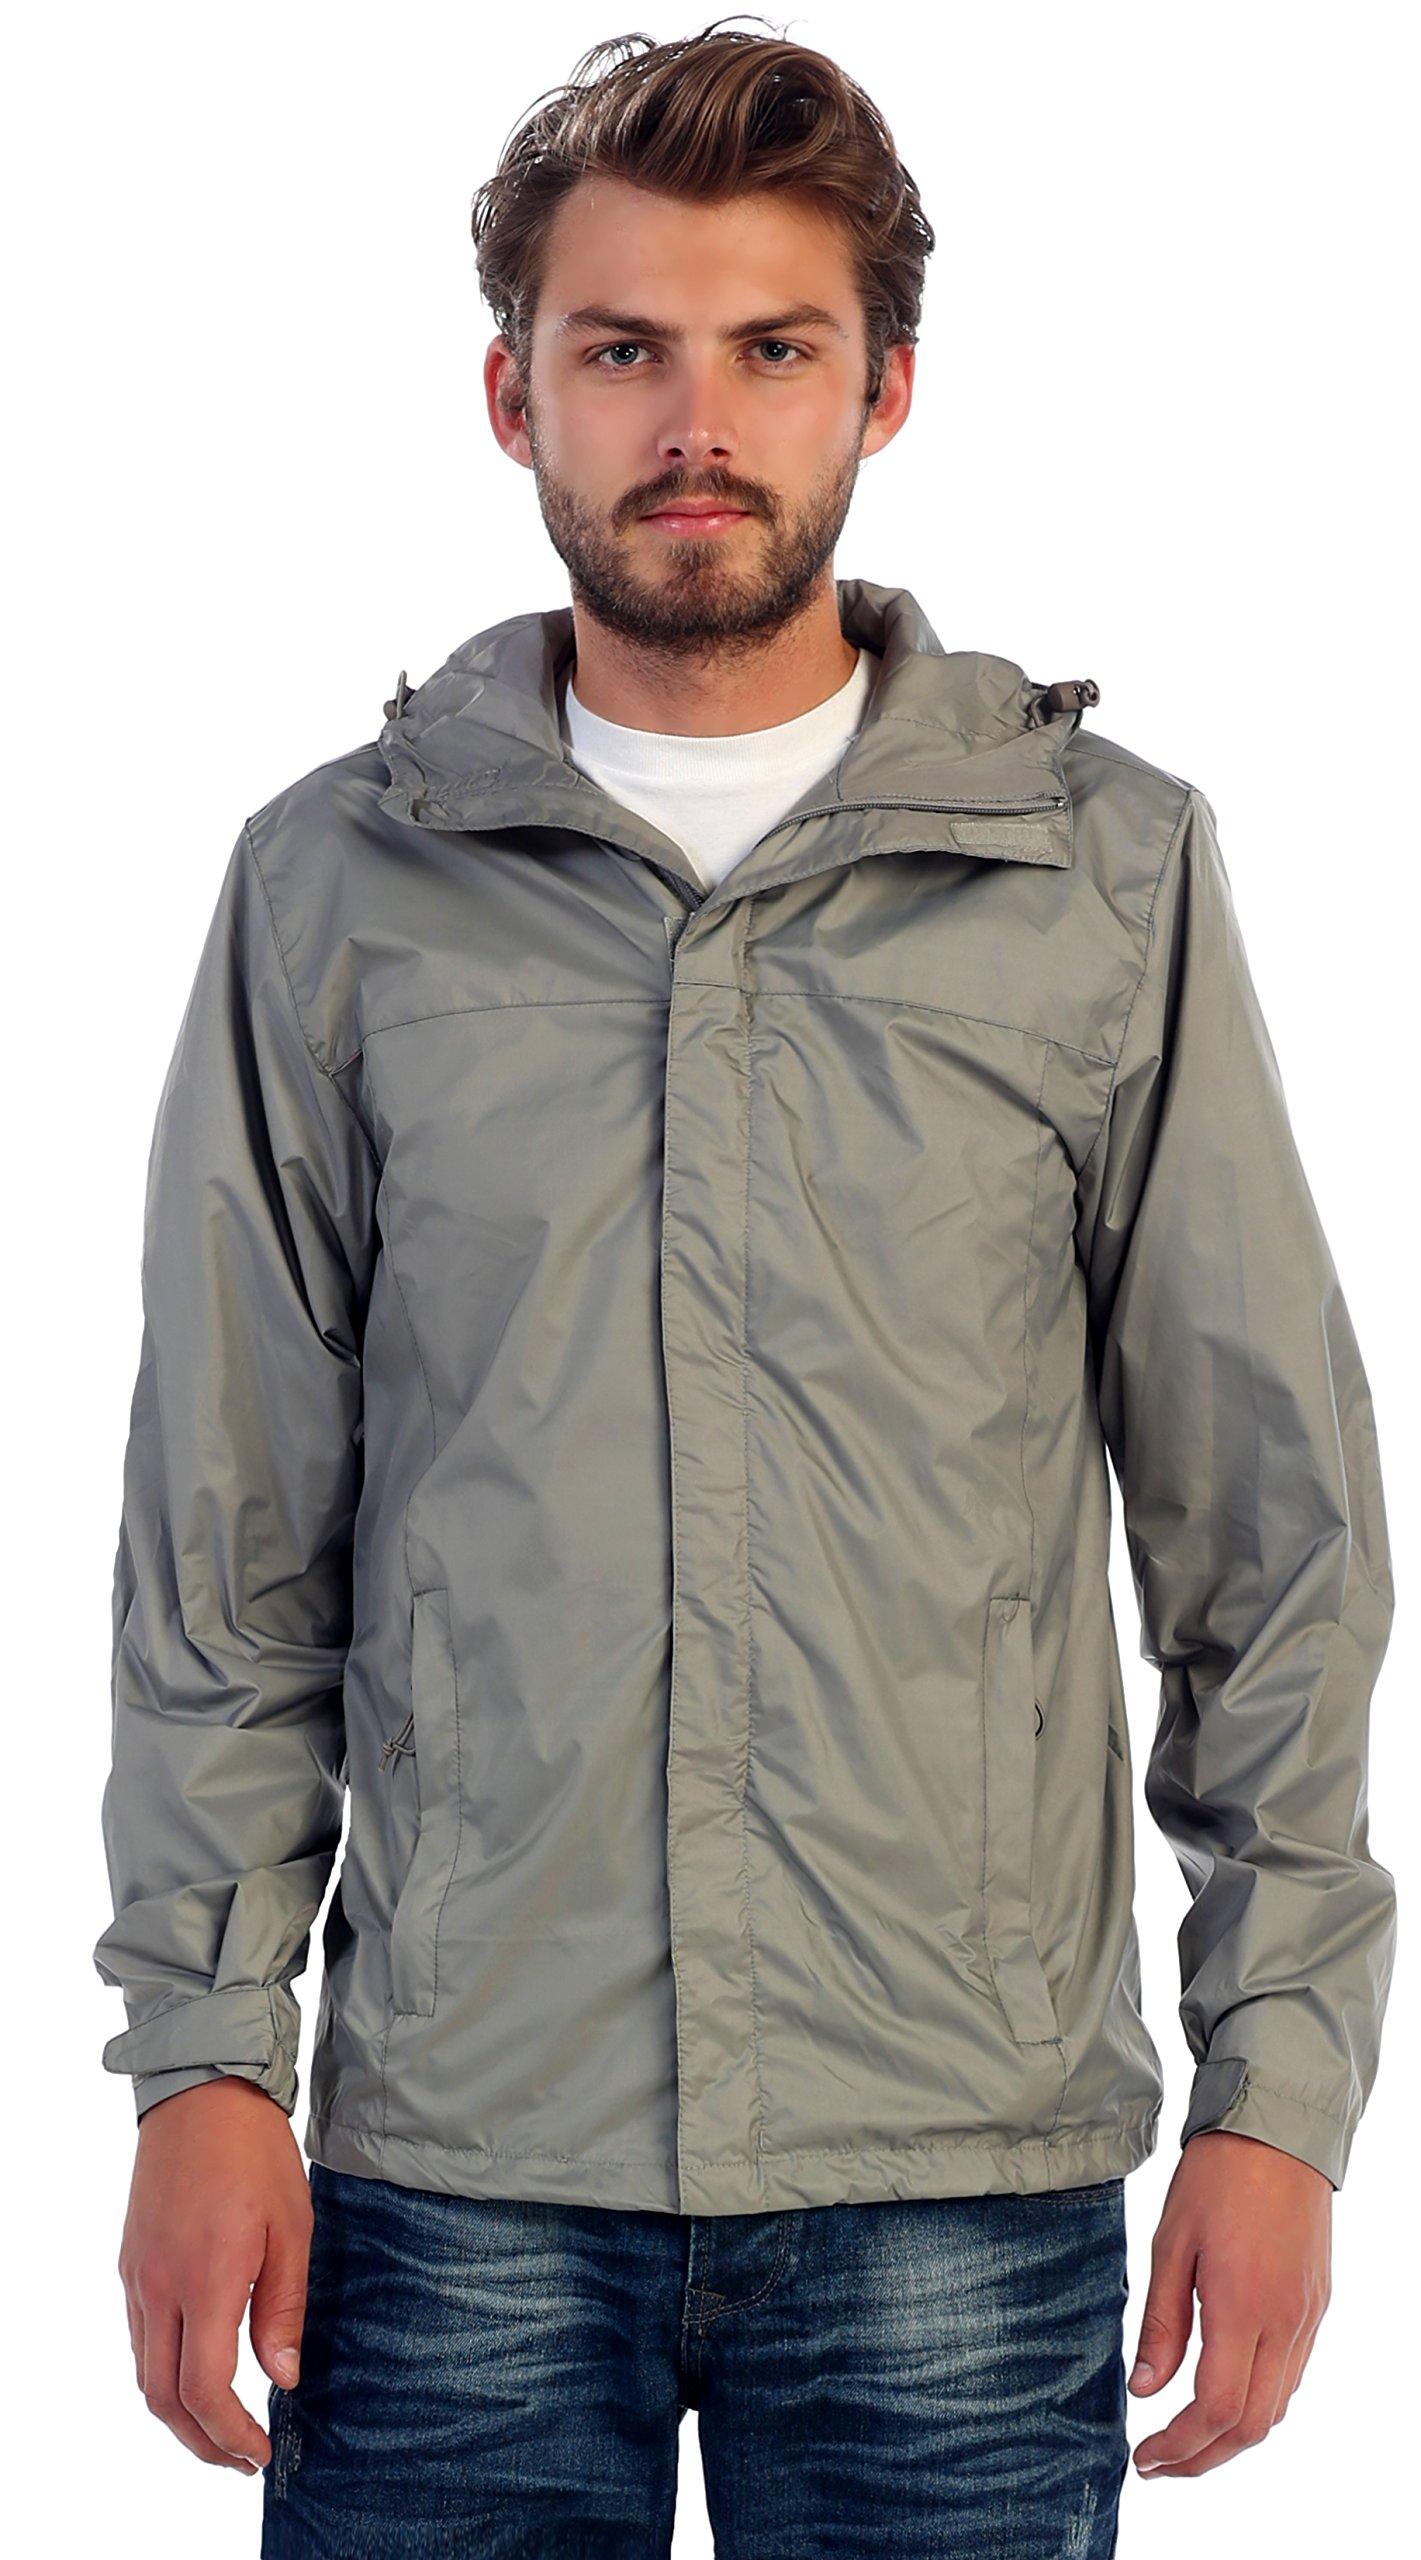 Gioberti Men's Waterproof Rain Jacket, Gray, L by Gioberti